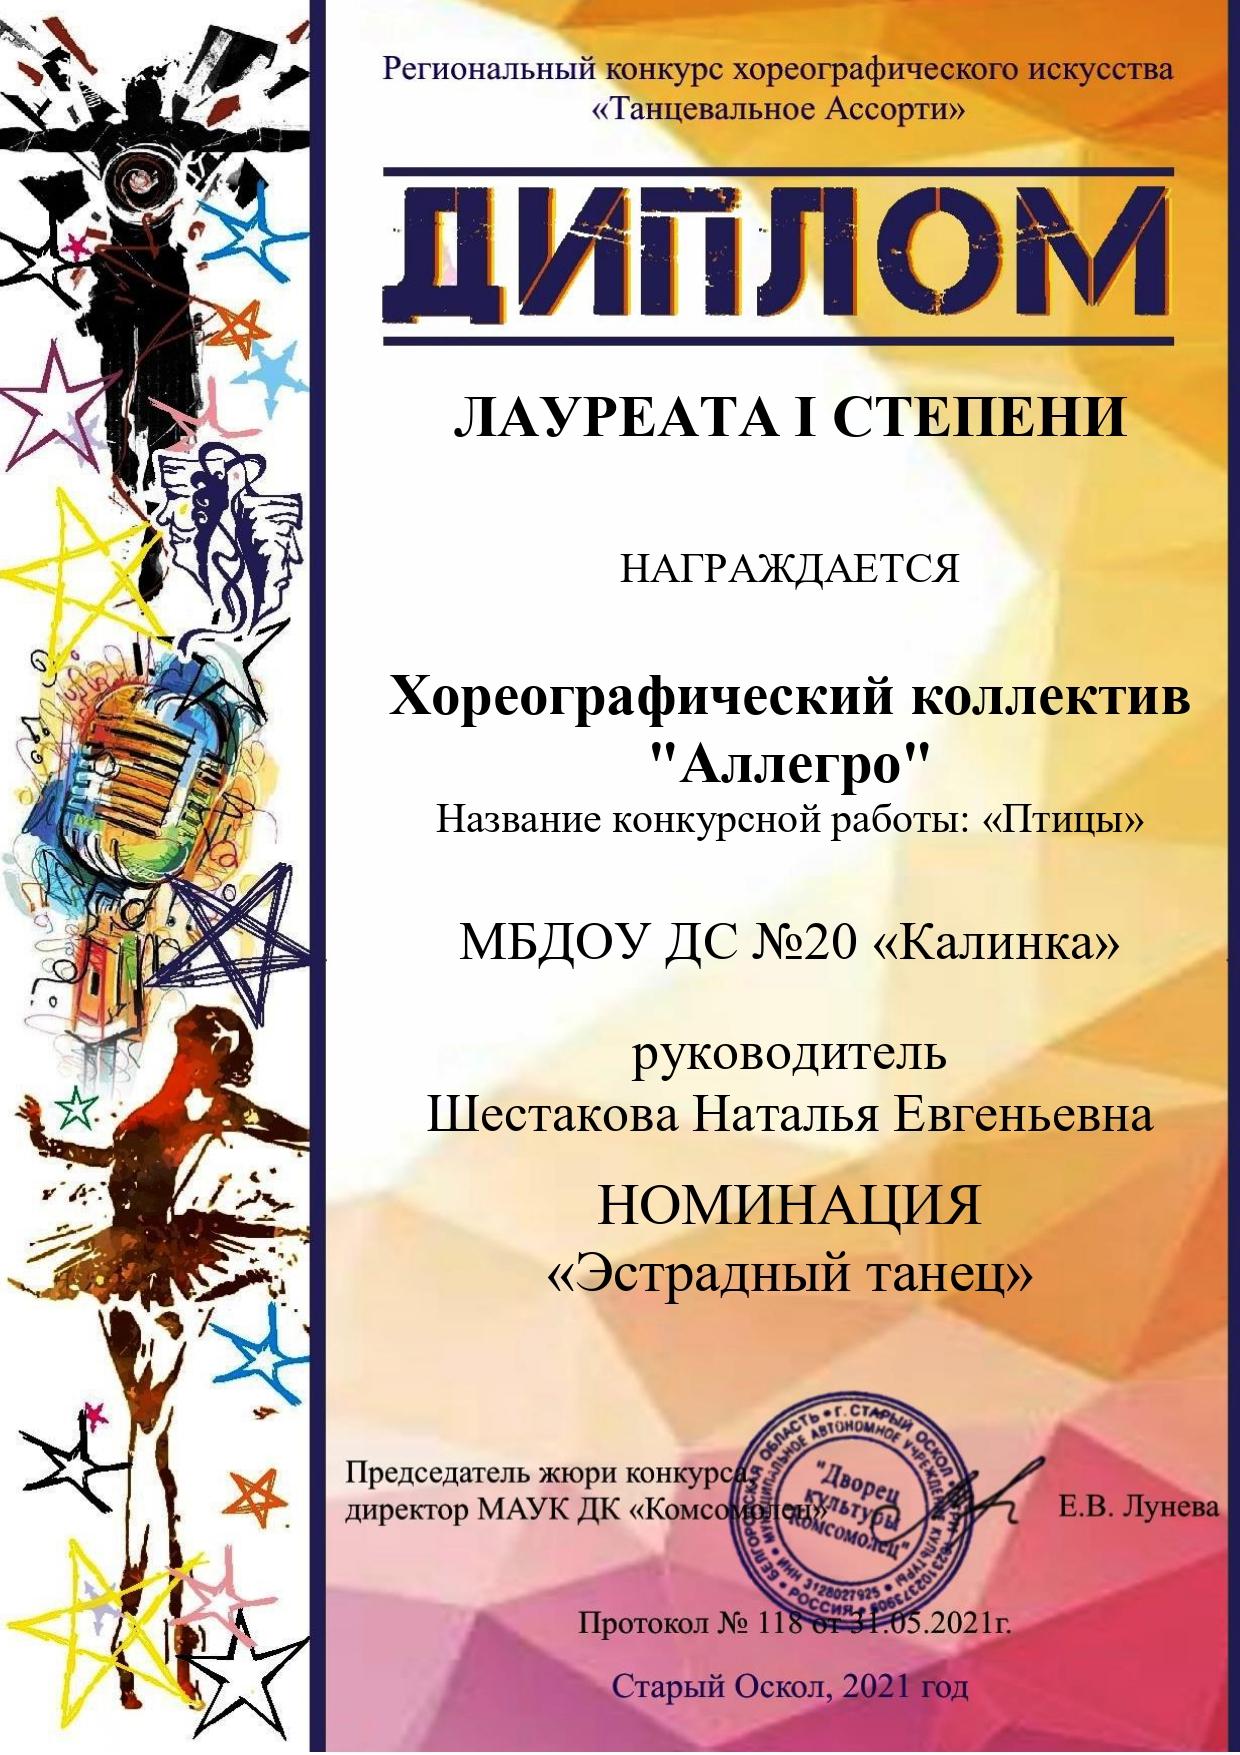 МАУК ДК «Комсомолец» состоялся Региональный конкурс хореографического искусства «Танцевальное Ассорти»!